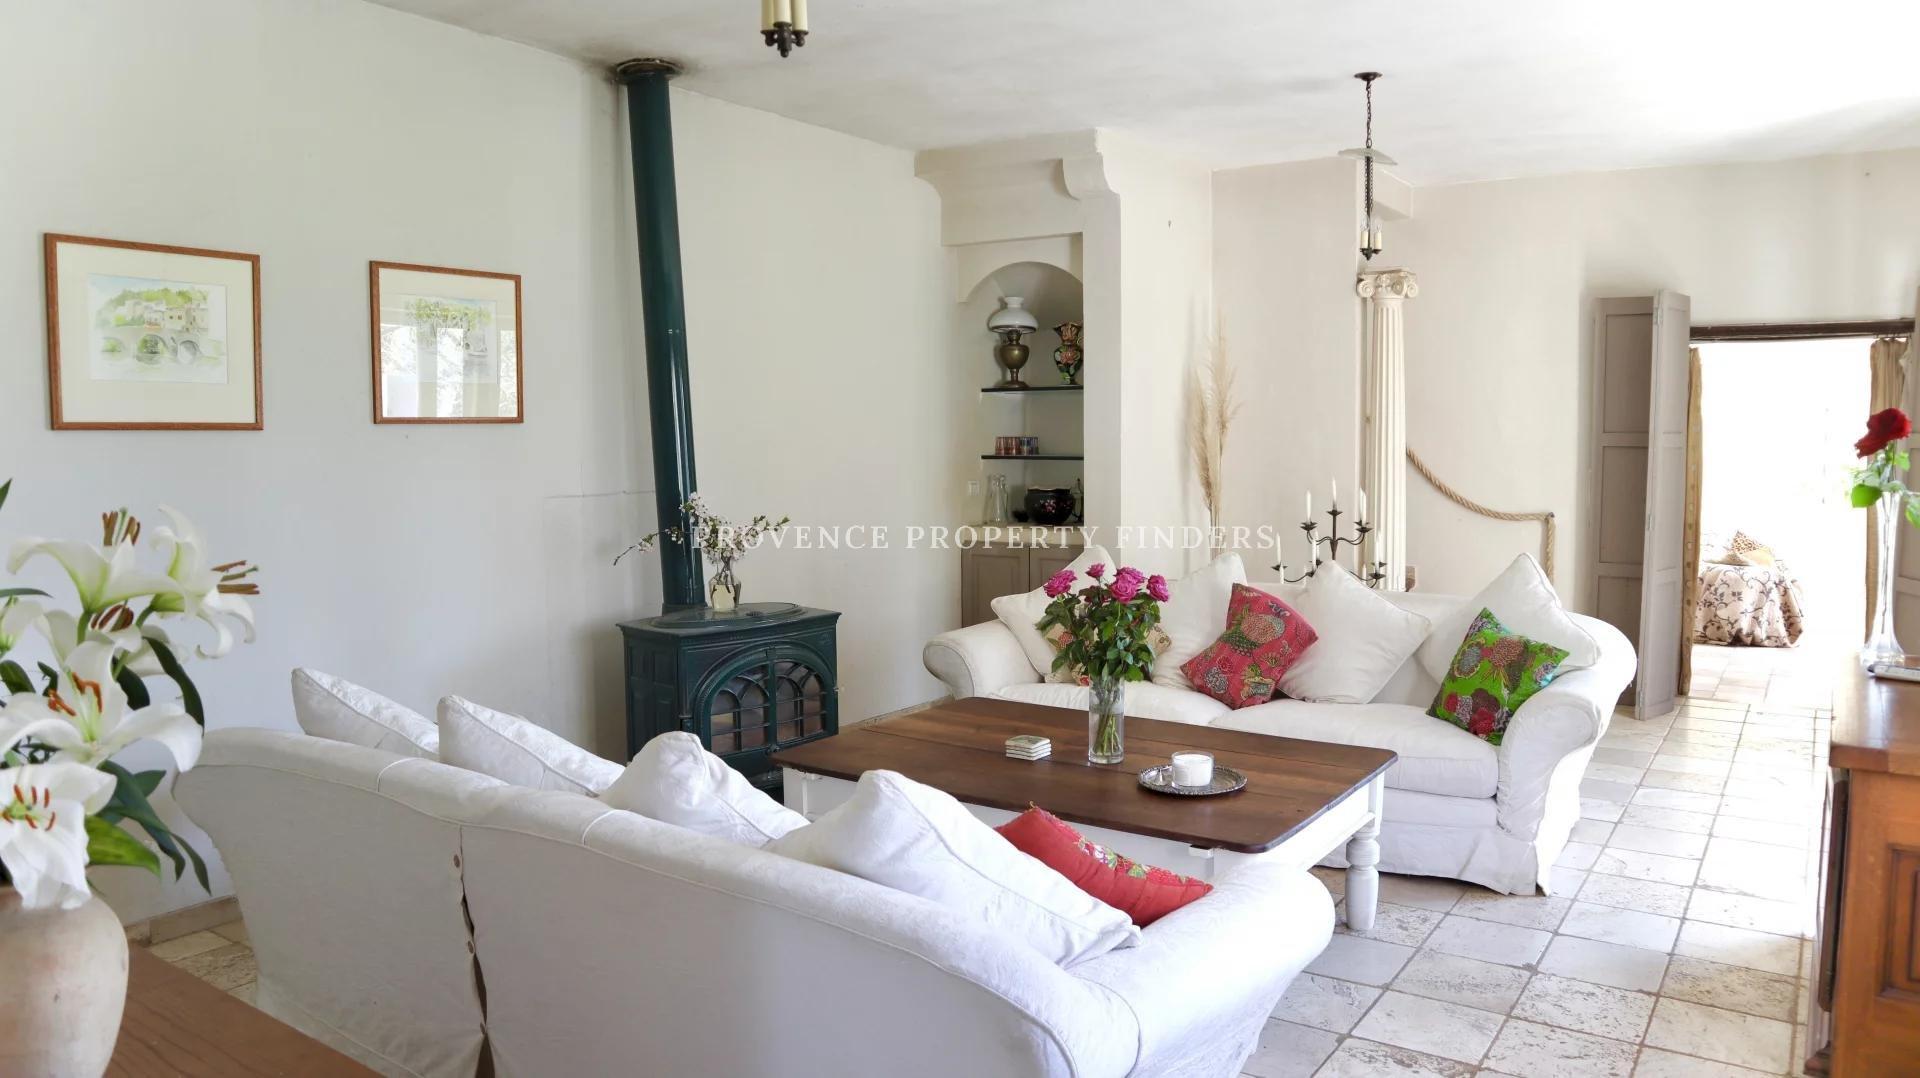 Entre Salernes et Villecroze, Belle maison.